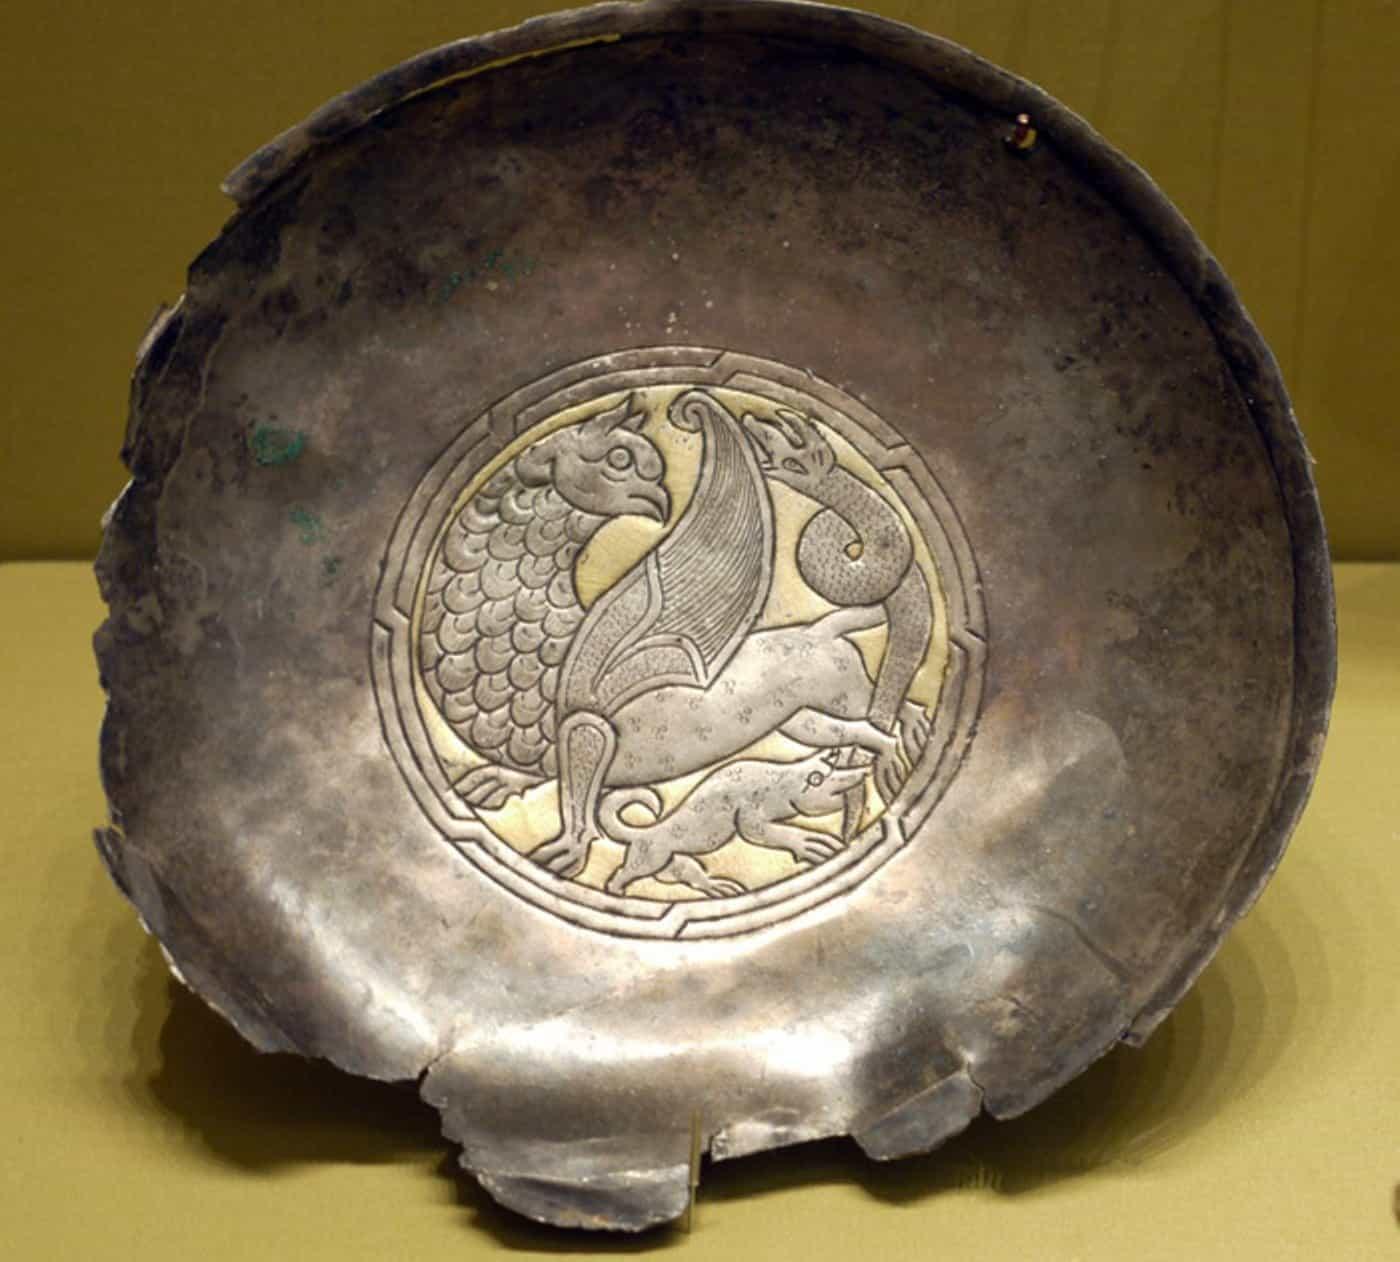 Блюдо времён Тартарии. Медь, серебро, позолота. Найдено близь Тюмени.